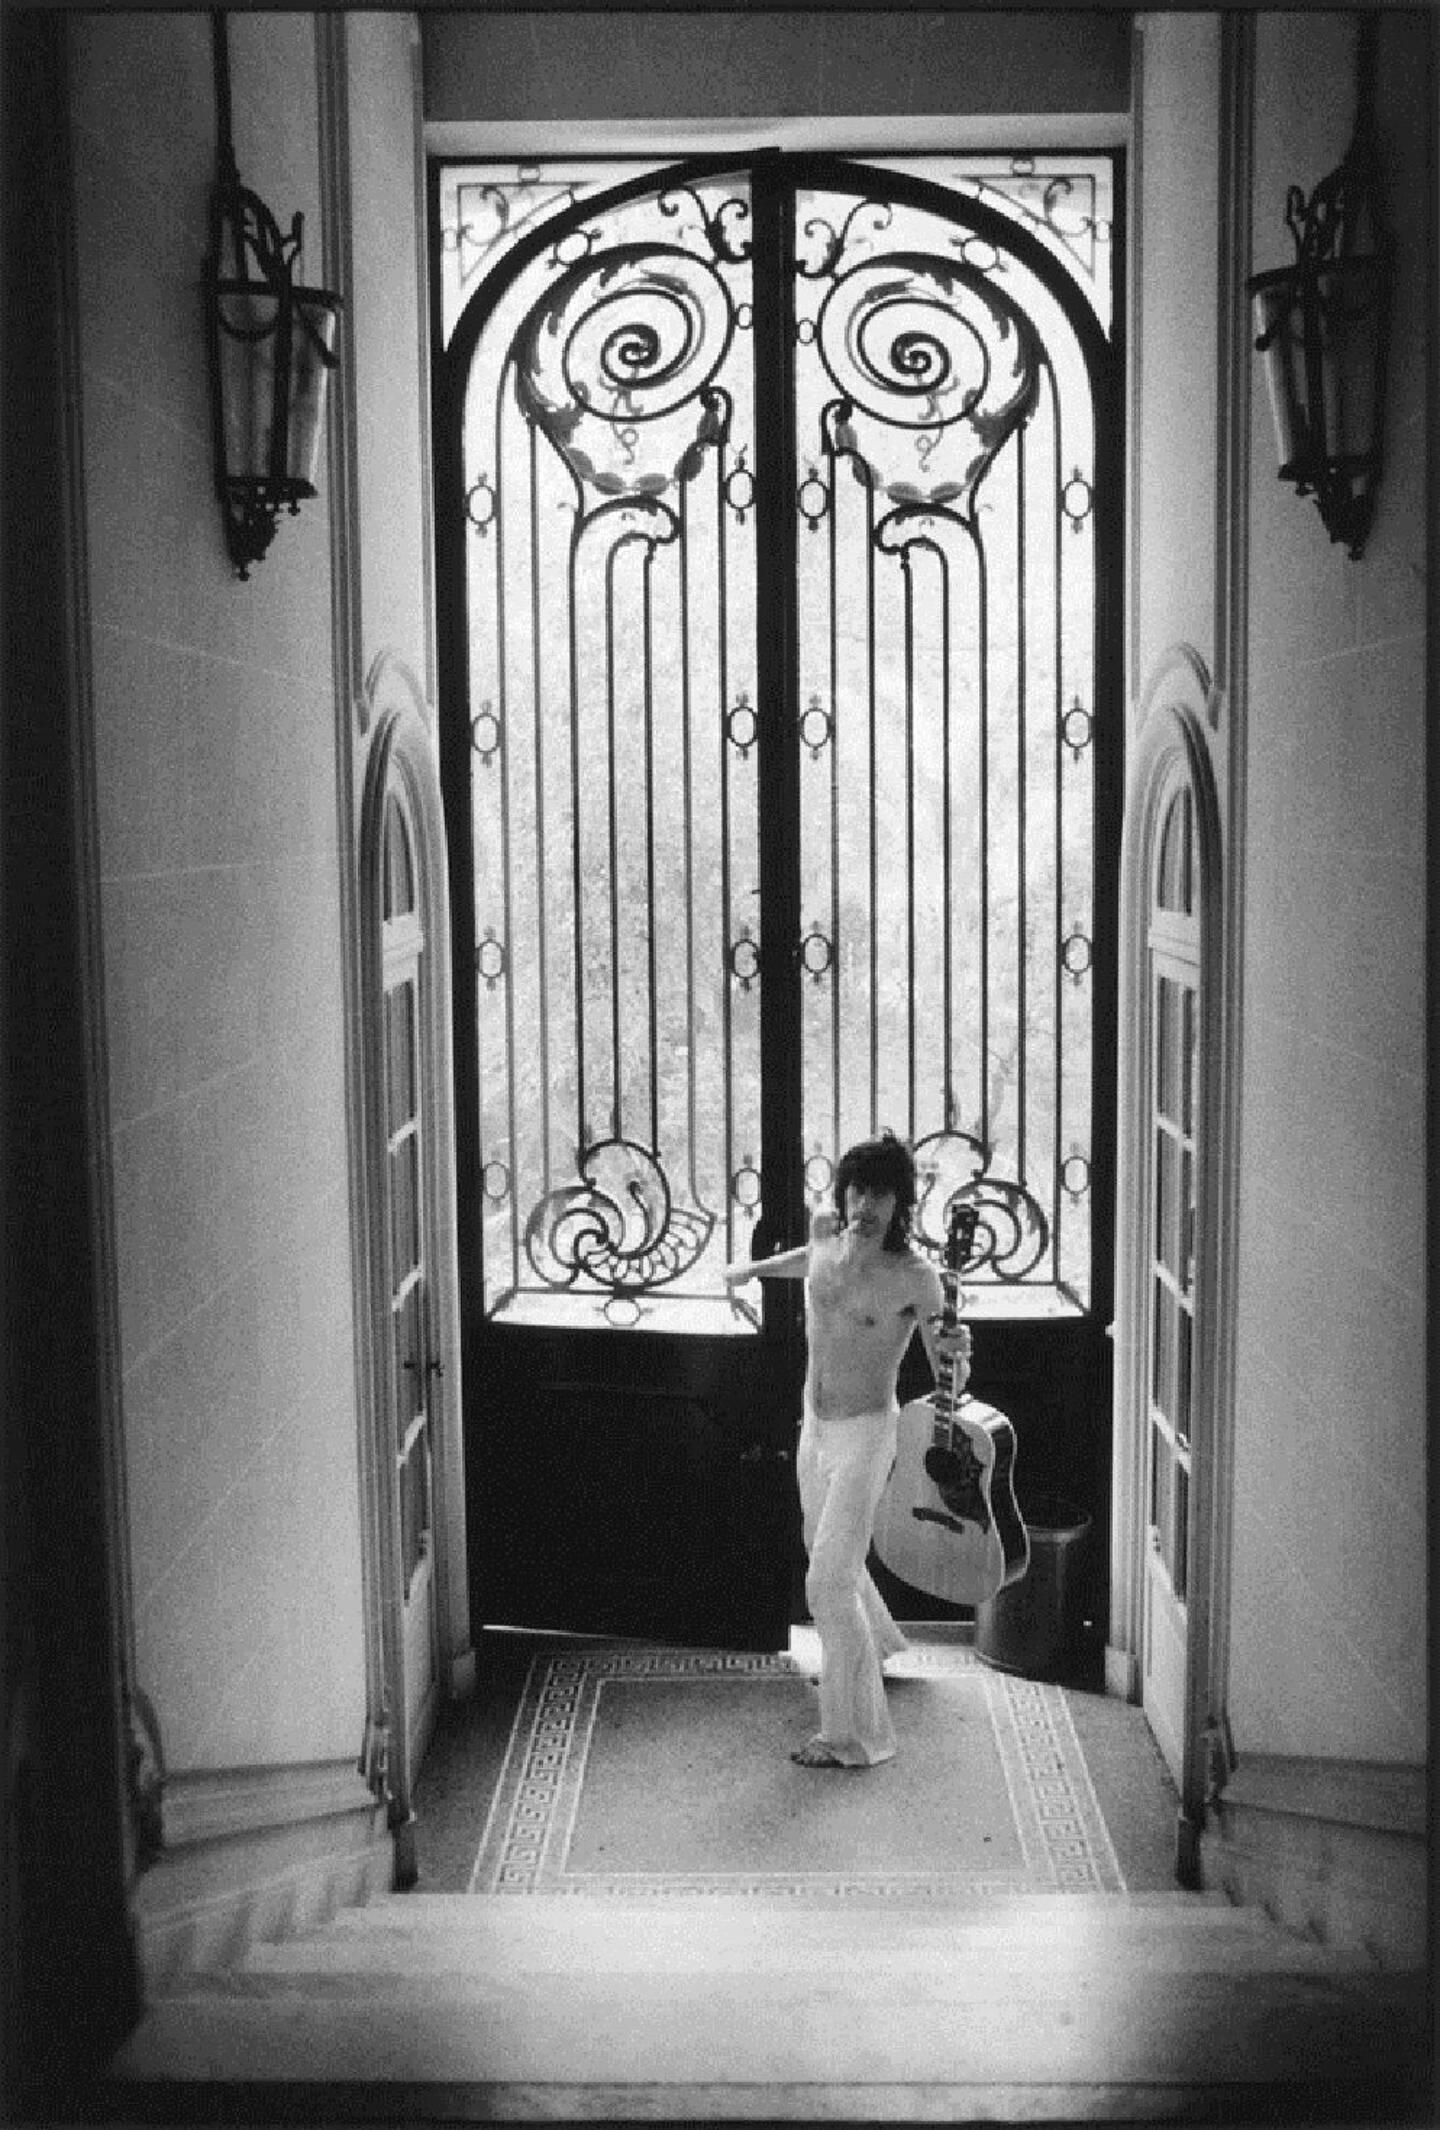 Keith Richards entrant dans la villa avec sa guitare qu'il ne quitte jamais.